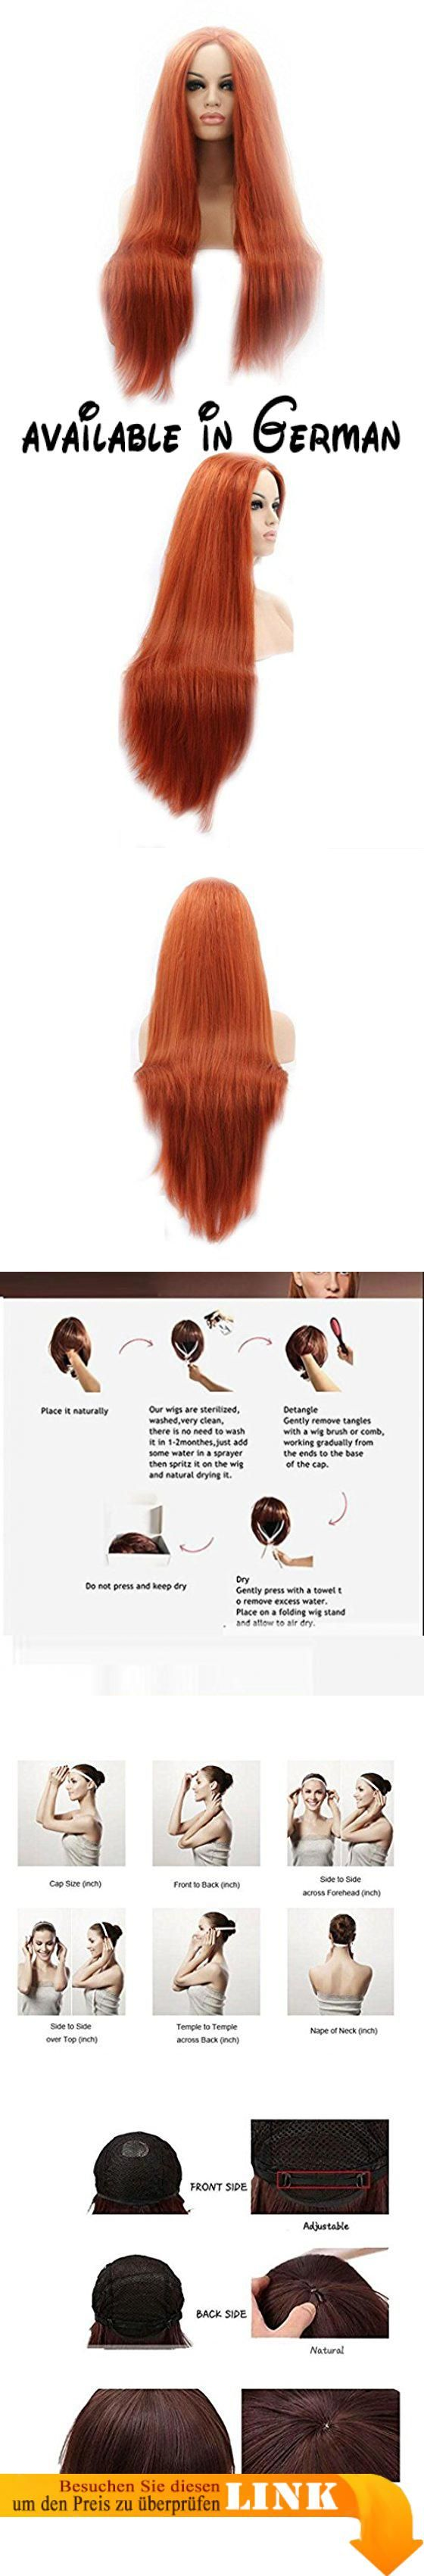 JJH-ENTER Perücke Europa und die Vereinigten Staaten Cosplay lang Straight orange rot Front Lace High Temperature Wire Perücke Head Cover. einzigartige und stilvolle Frisur Perücke aussieht wie ihr echtes Haar.. Die Farbe erhellt Ihre Haut und macht Sie modisch und charmant.. Es ist eine ausgezeichnete Toupet für Männer, fast kein vergießen. Lange dauern.. 100% menschliches Haar-System, weich genug, sieht natürlich, leichte Welle Toupet für Männer, natürlich aussehende,